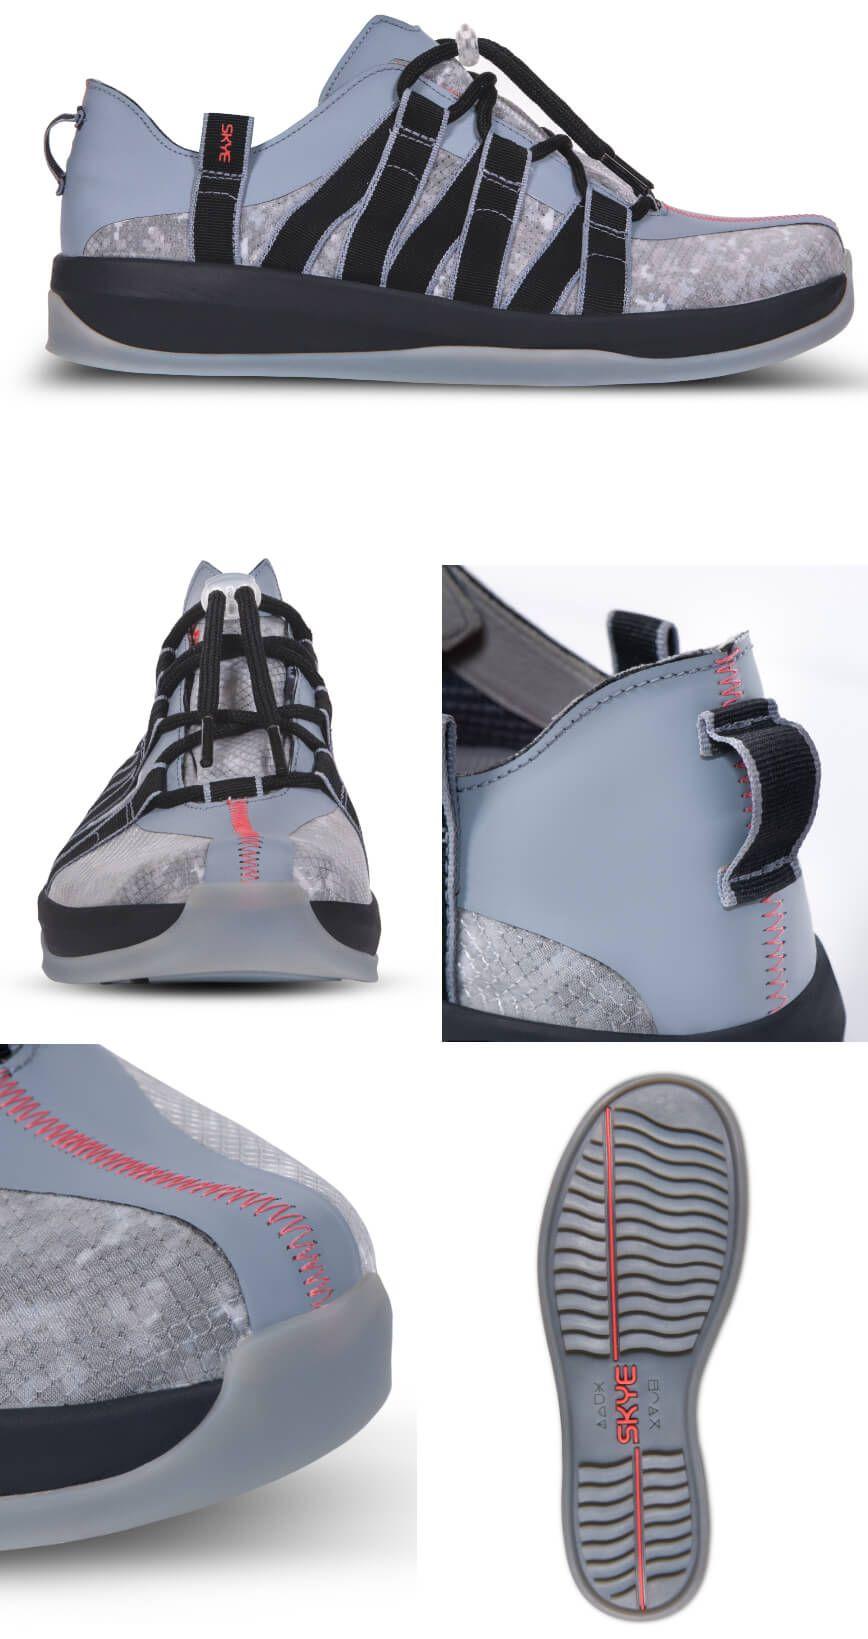 Waterproof shoes, Sneaker boots